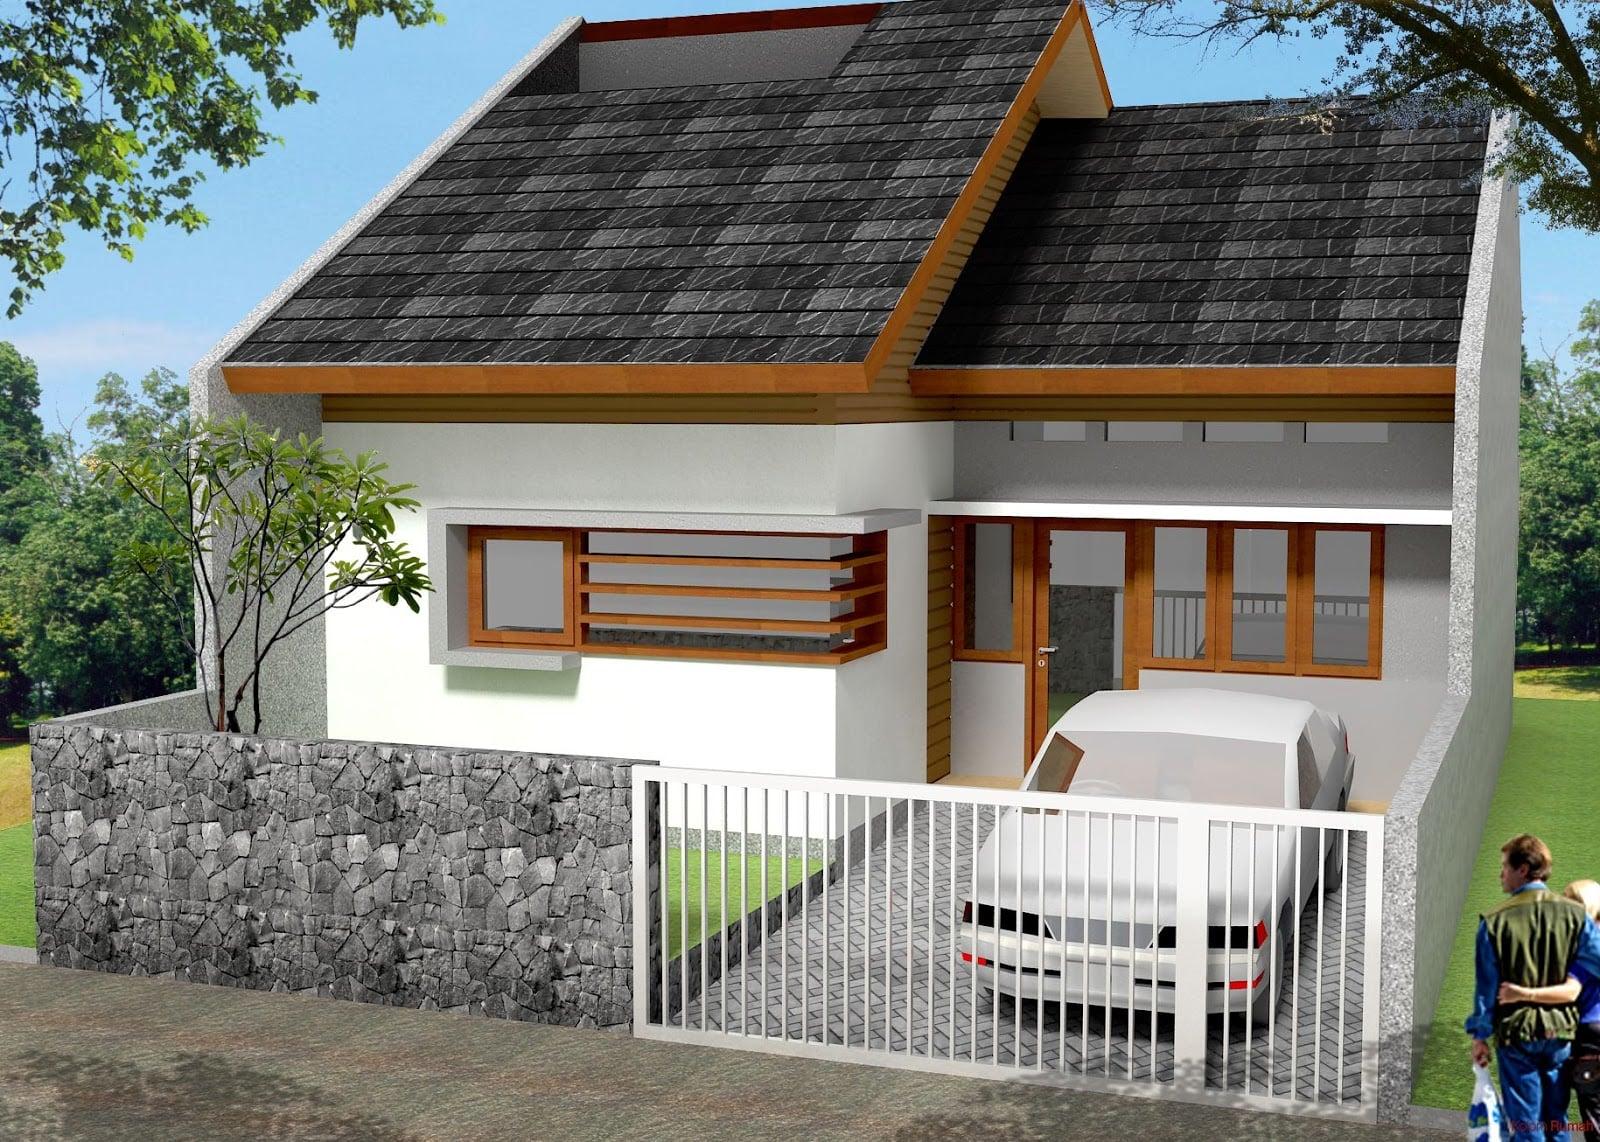 97 Terbaik Model Atap Rumah Minimalis Paling Terkenal